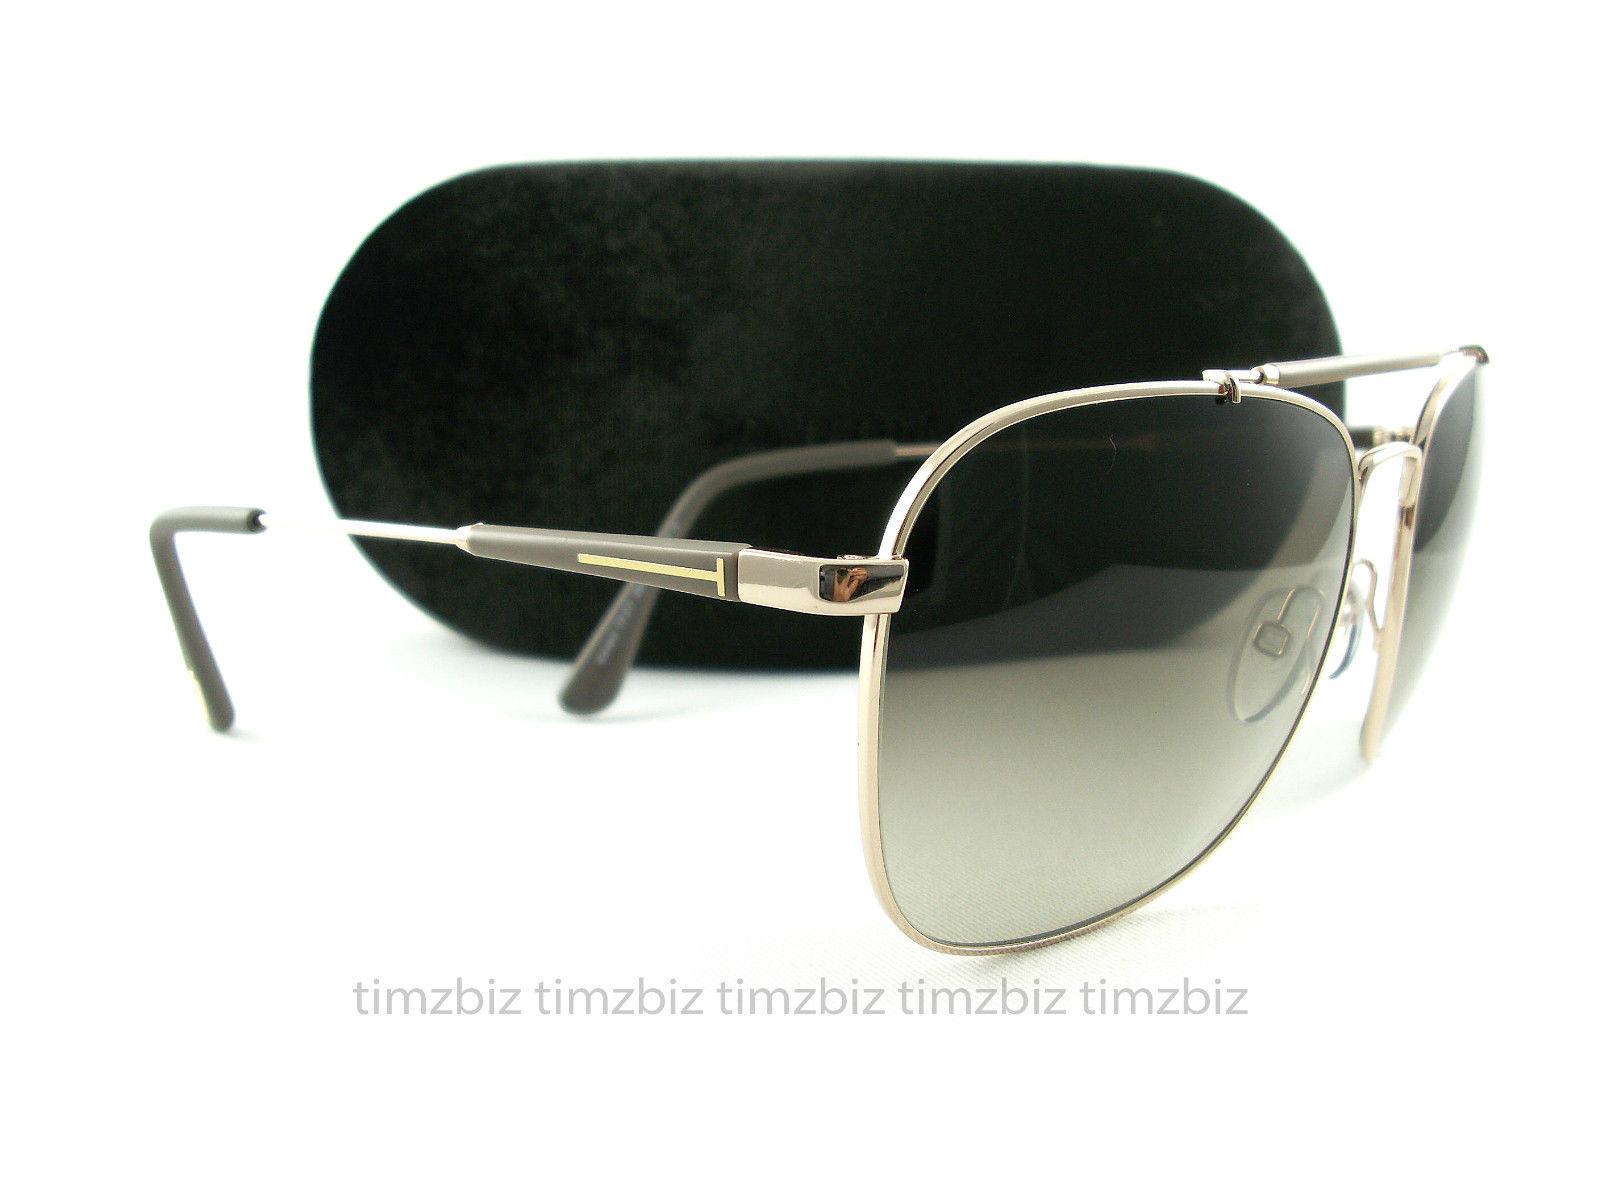 Tom Ford Sunglasses tf377 Edward 28K golden brown ft0377 / s sunglasses for men and women